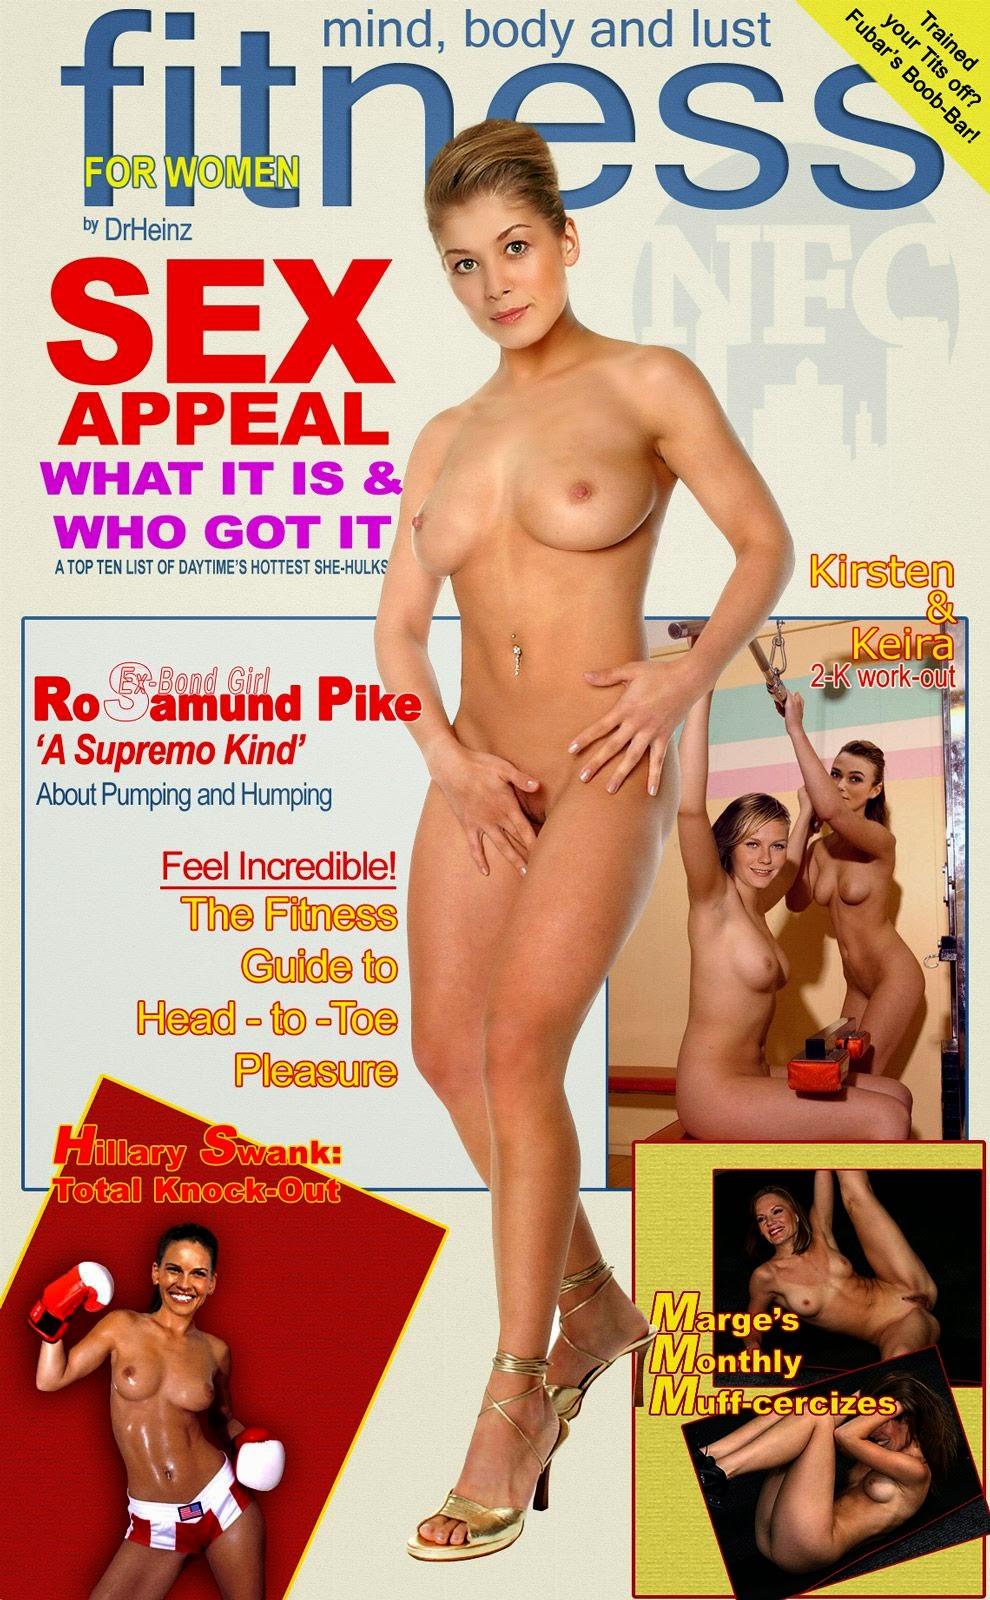 Nackt Bilder : Rosamund Pike Naked Hot Photos   nackter arsch.com